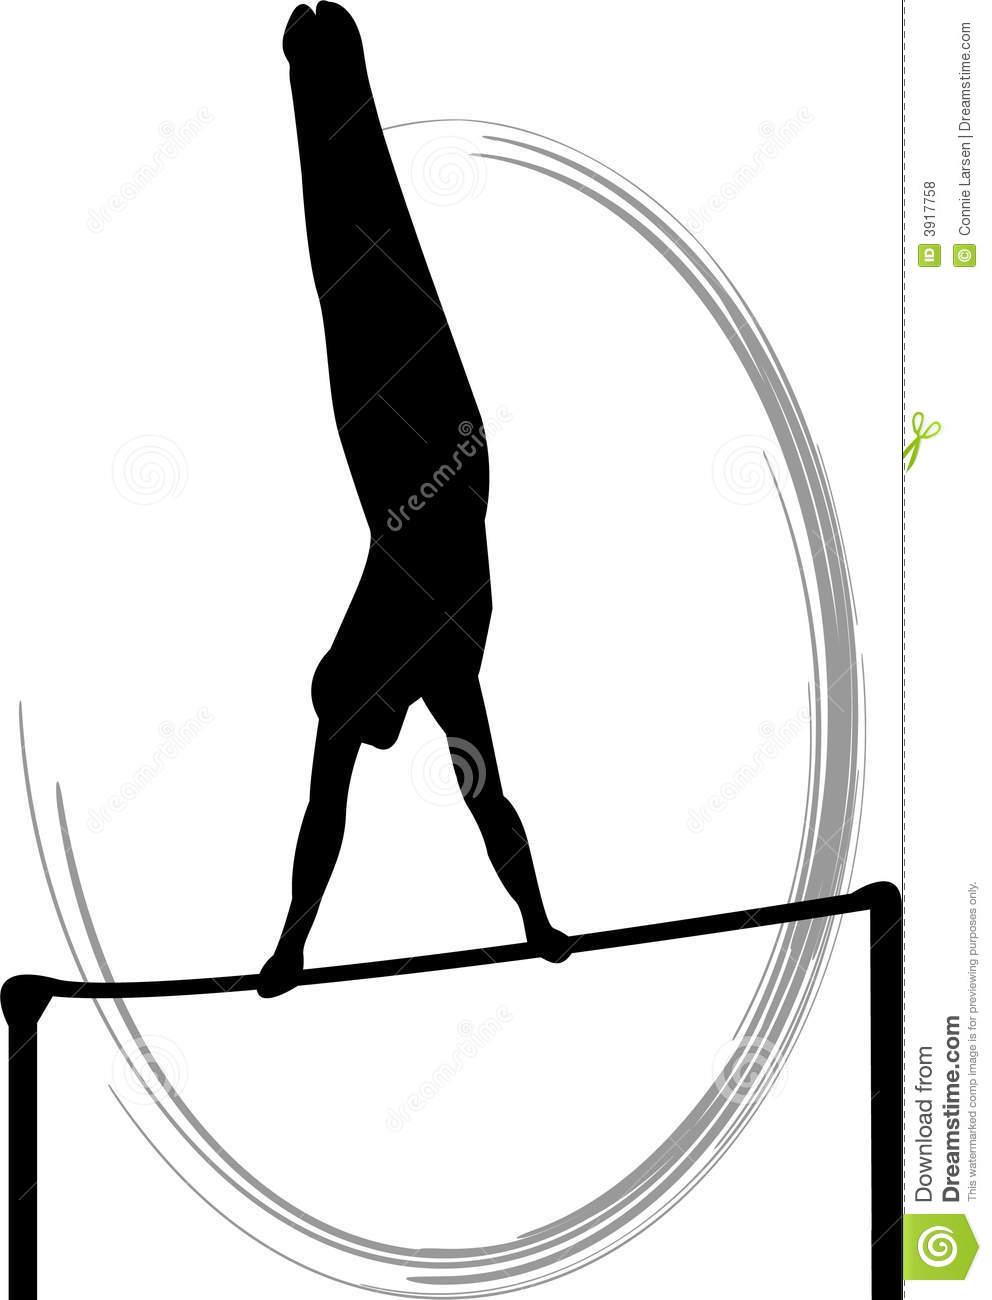 Gymnast clipart uneven bar Vault collection Clipart Gymnastics uneven